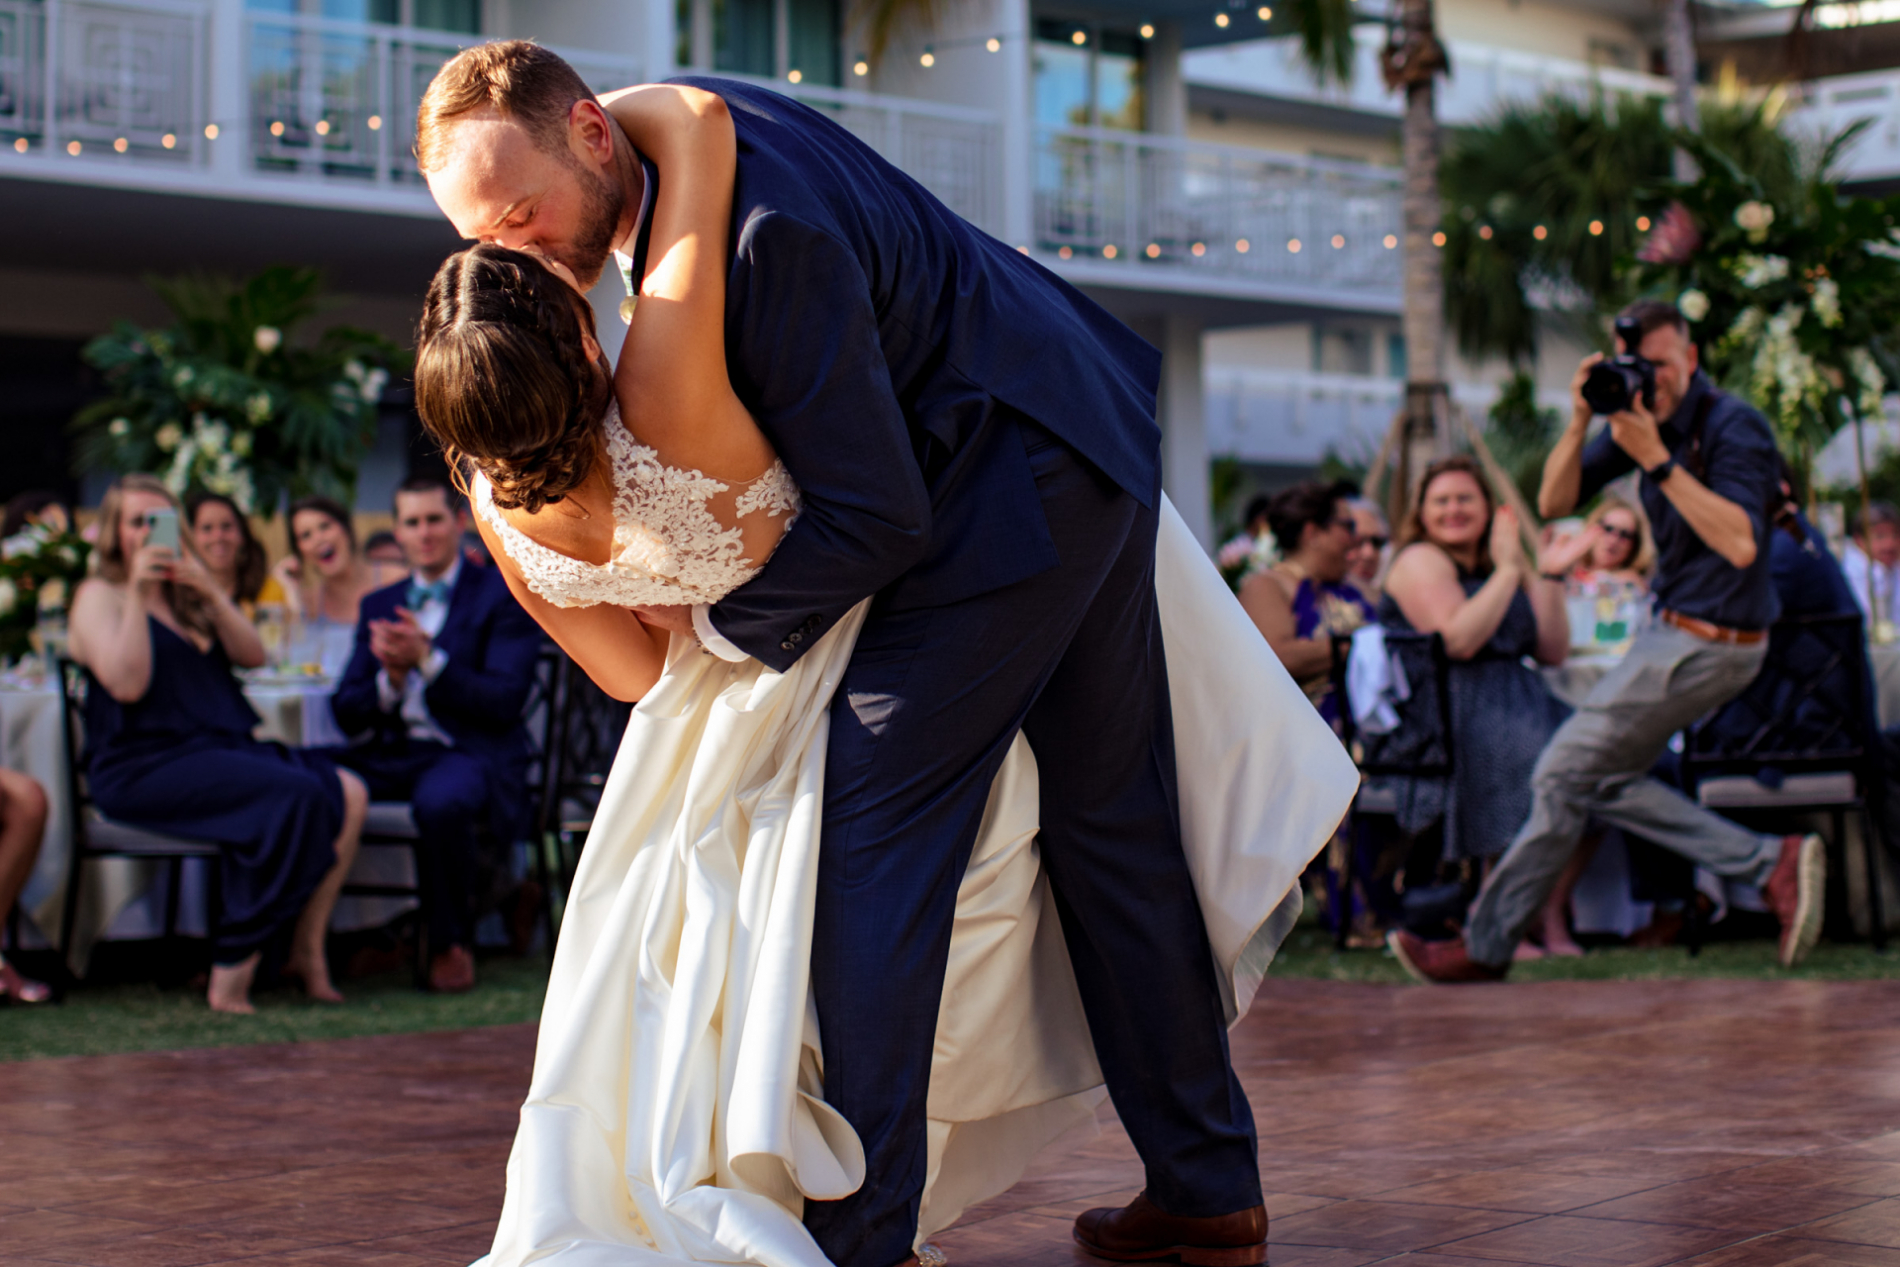 Un photographe de mariage d'Asheville en Caroline du Nord se met en place lors d'un premier baiser de danse par les mariés